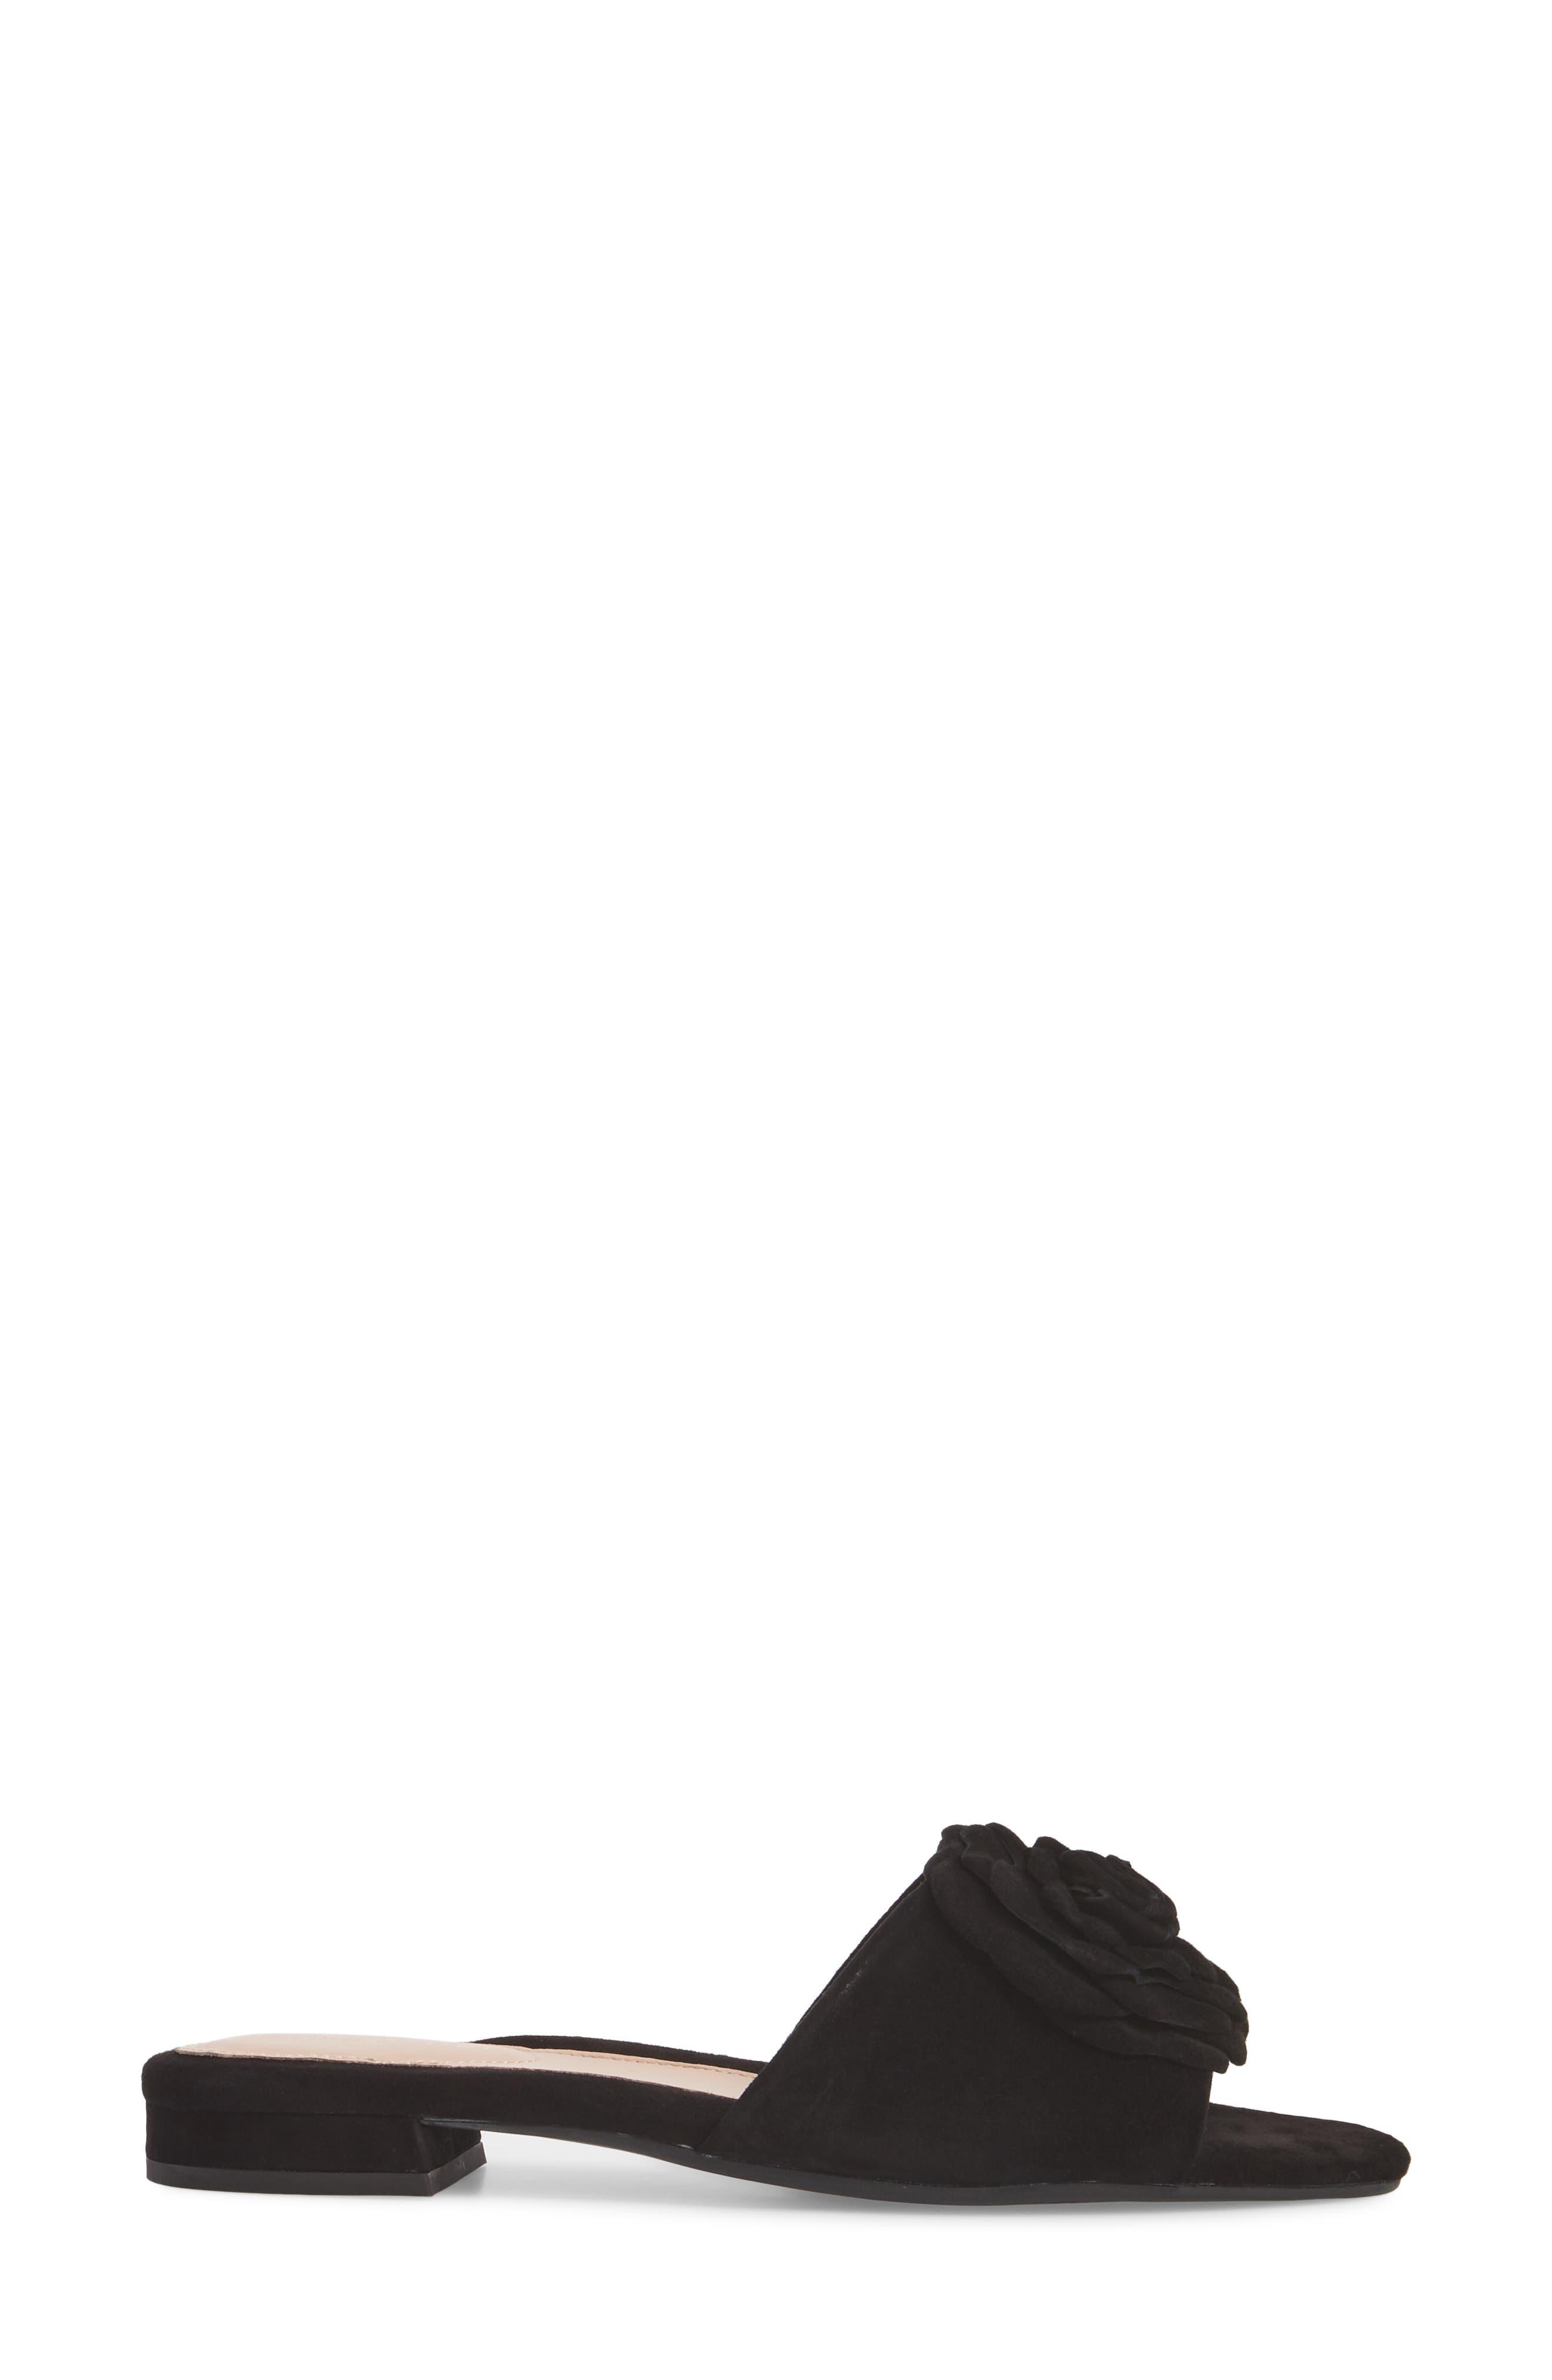 Violet Flower Slide Sandal,                             Alternate thumbnail 3, color,                             BLACK SUEDE